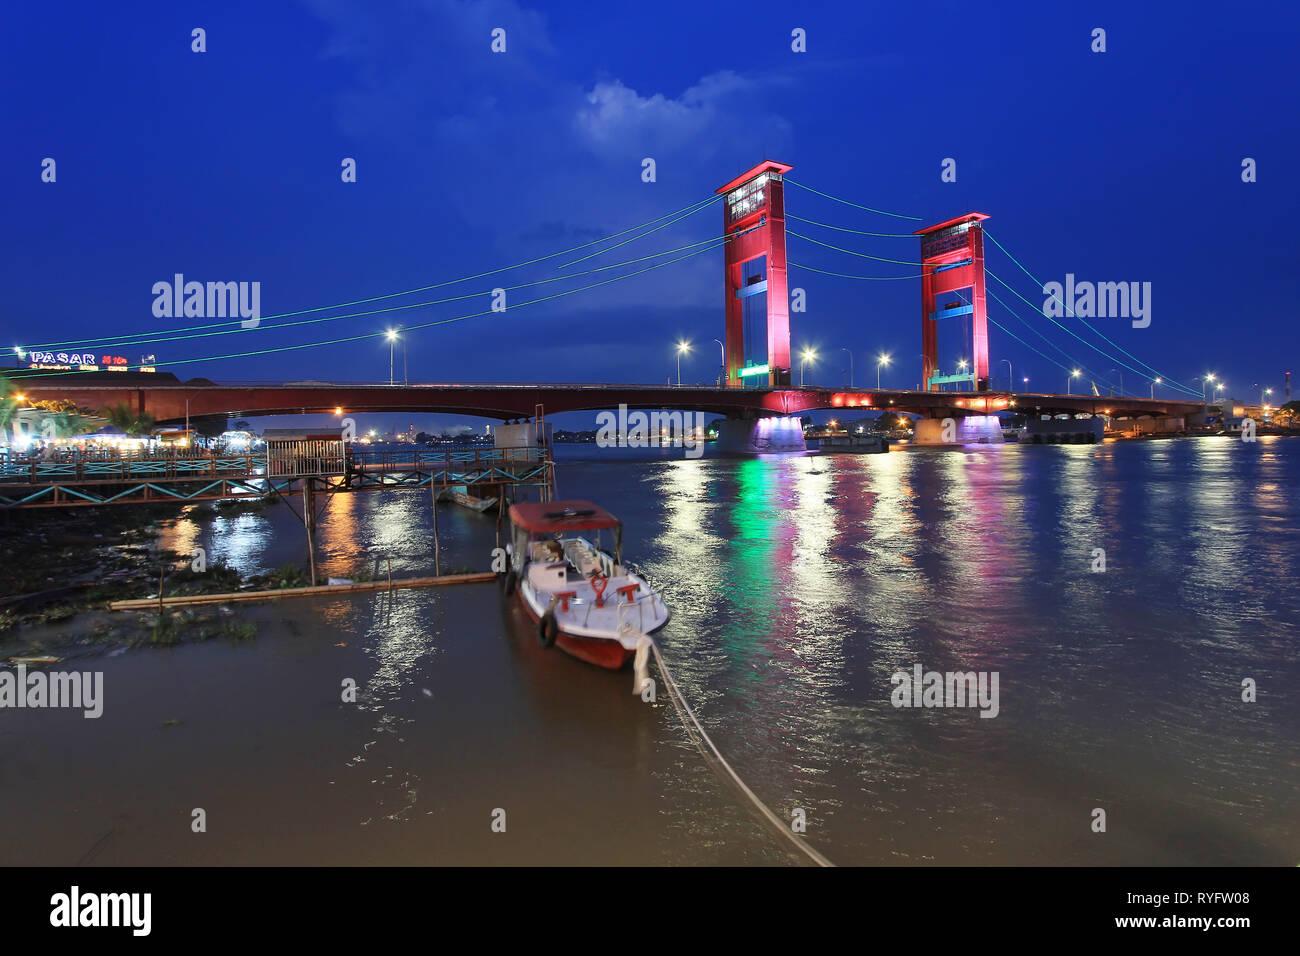 Jembatan Ampera Palembang - Stock Image